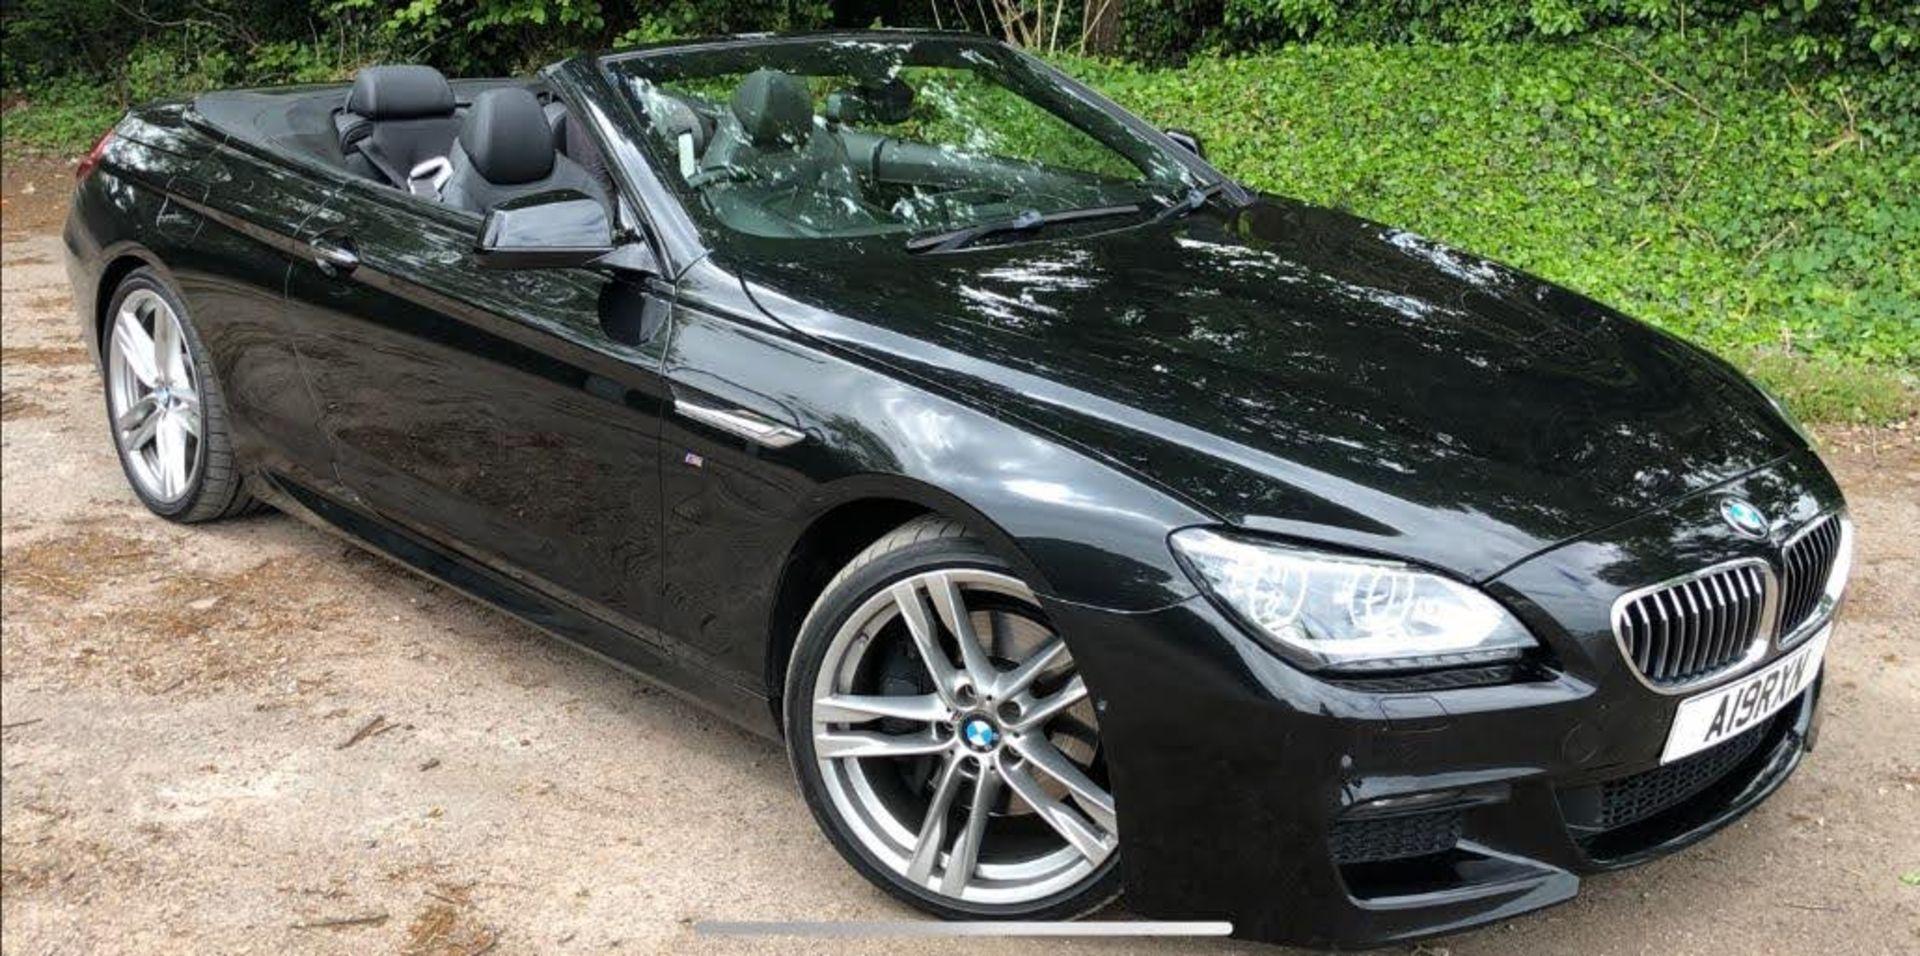 2014/14 REG BMW 640D M SPORT AUTOMATIC 3.0 DIESEL BLACK CONVERTIBLE *NO VAT* - Image 2 of 17